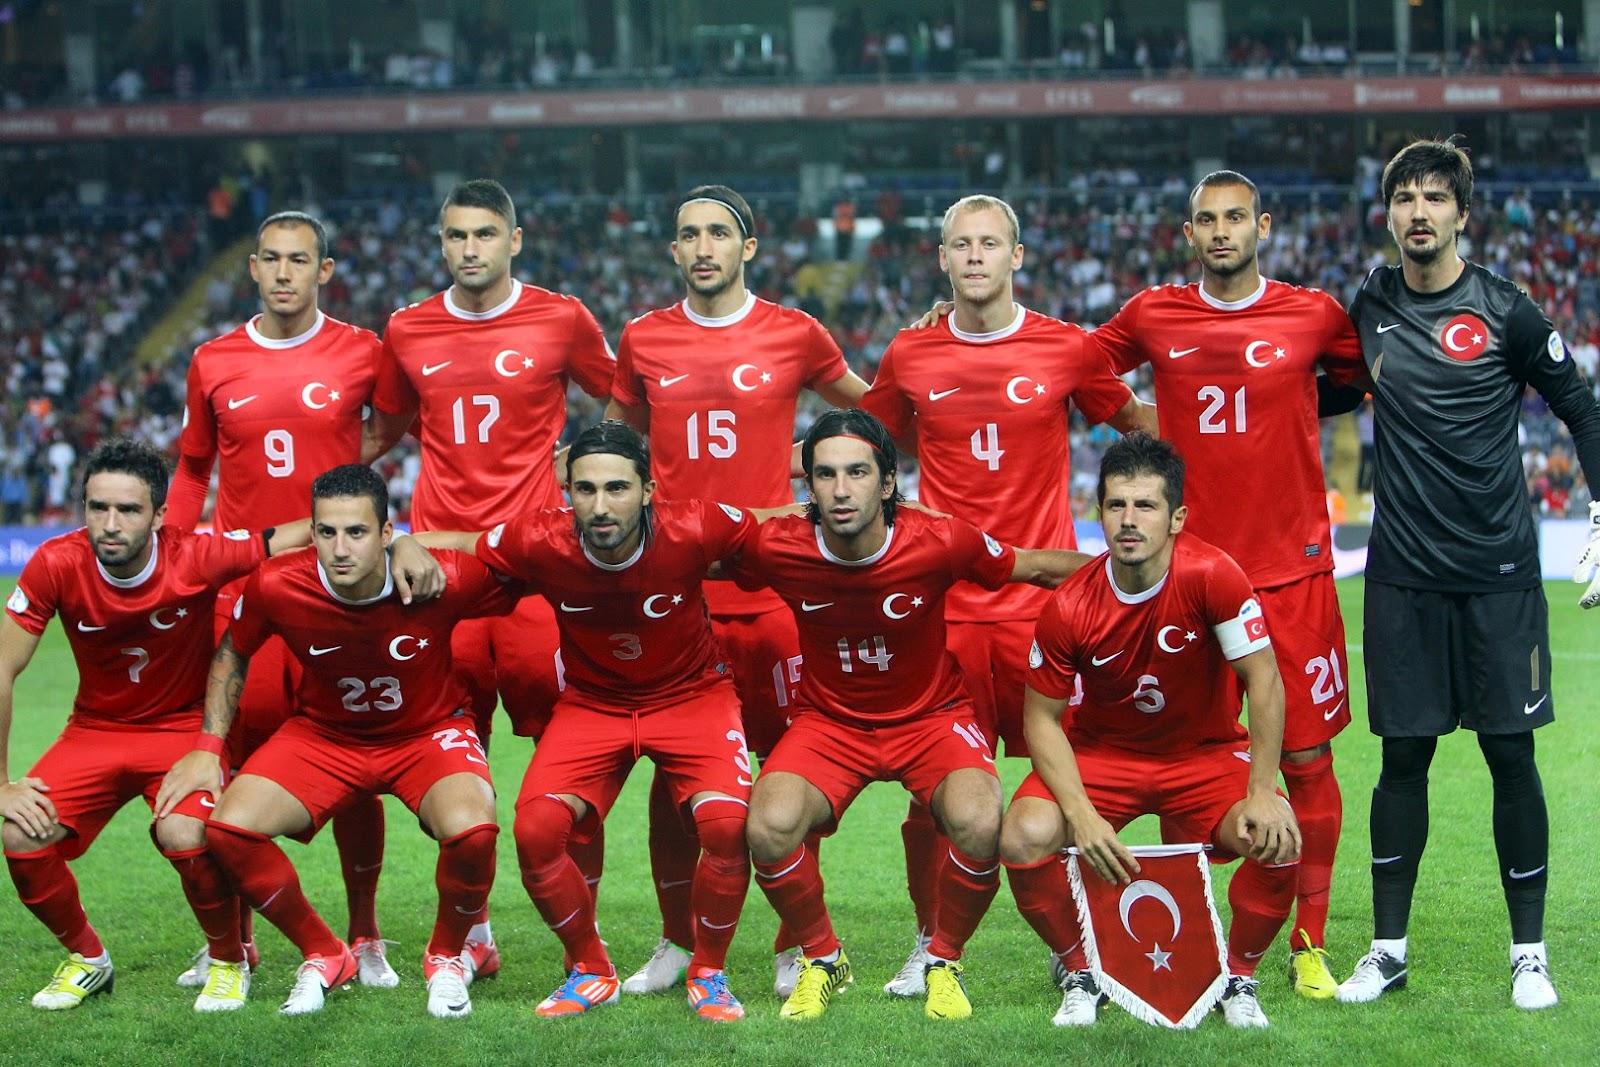 แทงบอลออนไลน์ แทงบอล วิเคราะห์บอล ทีมชาติตุรกี vs ทีมชาติแอลเบเนีย